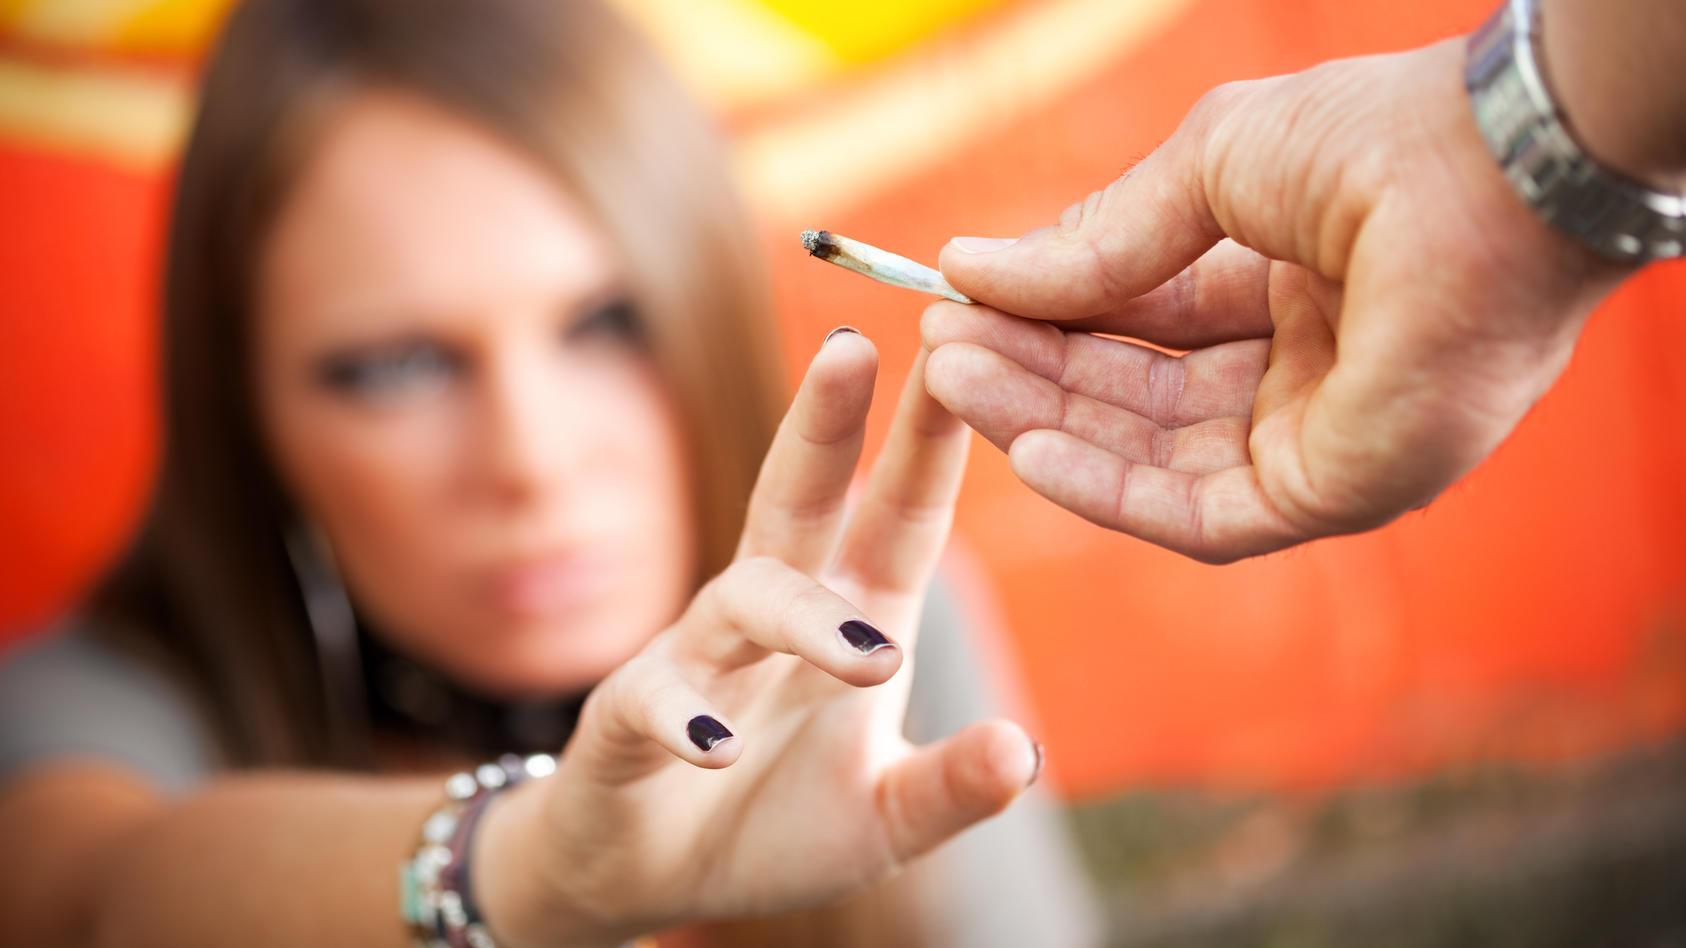 Beliebte Droge unter Jugendlichen: Cannabis.